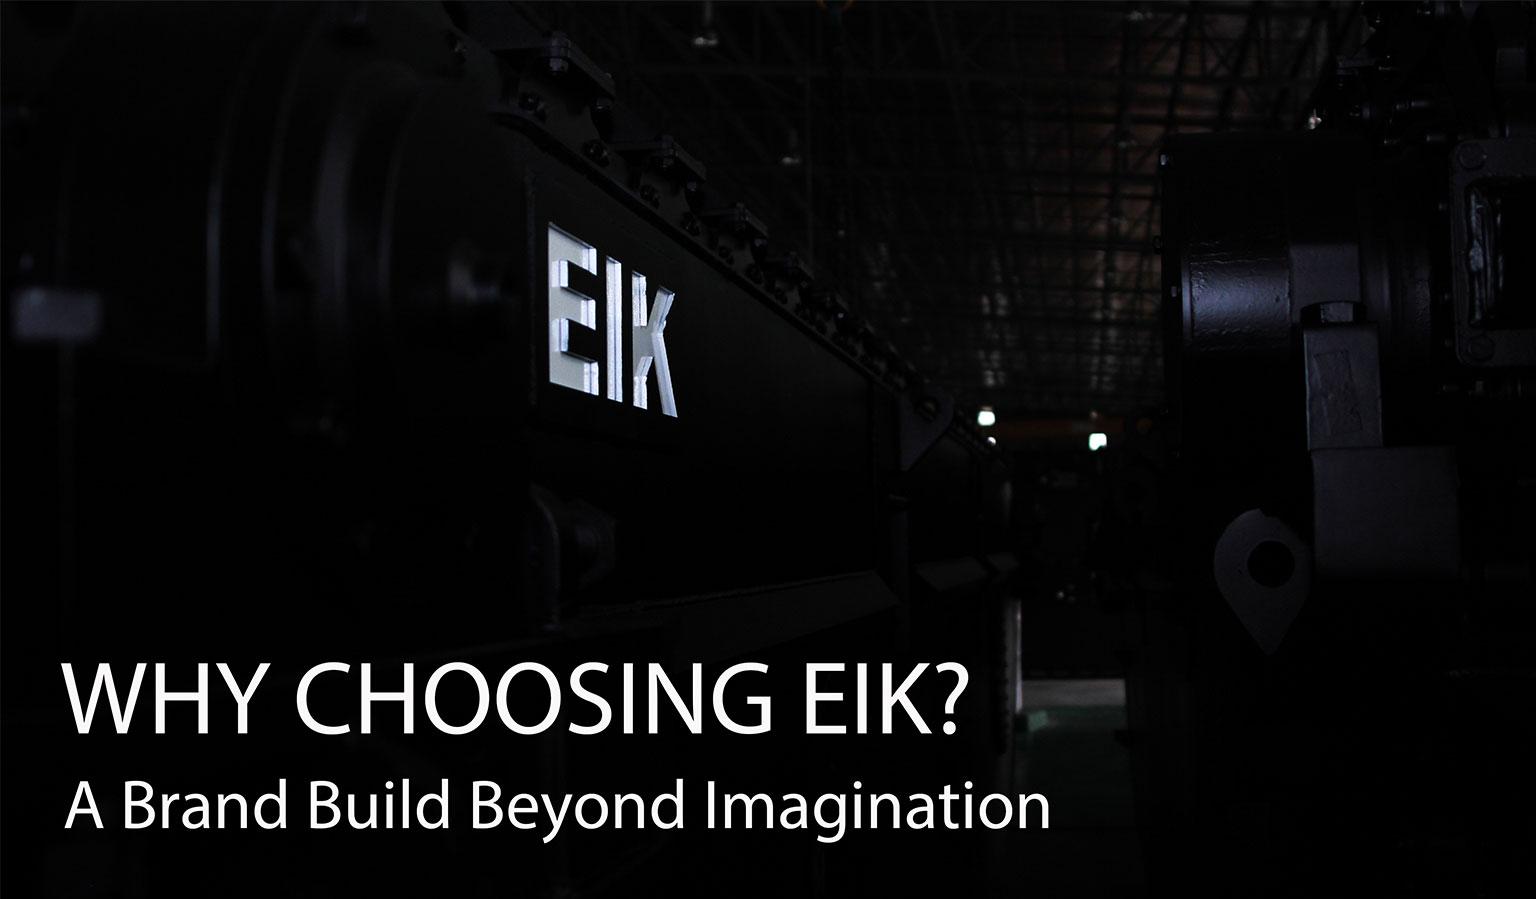 Why-Choosing-EIK